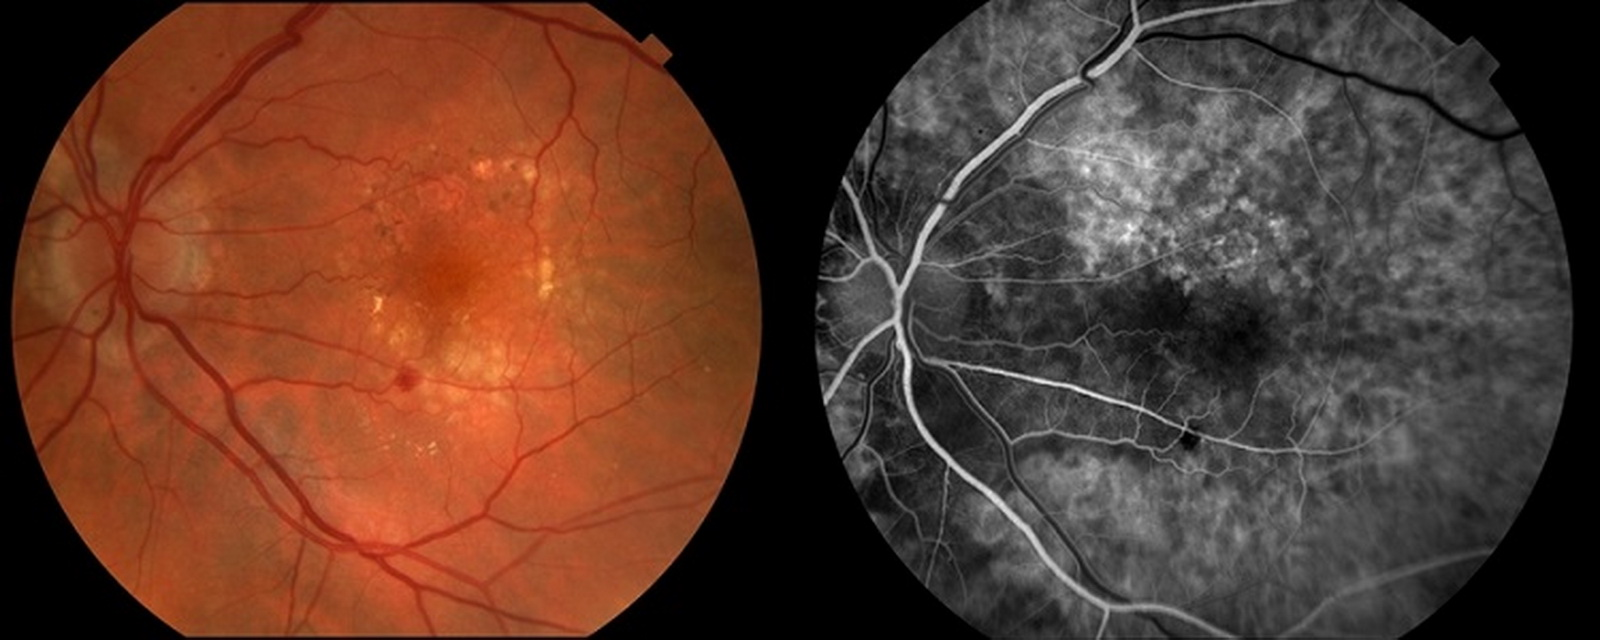 Диабетическая ангиопатия глазной сетчатки